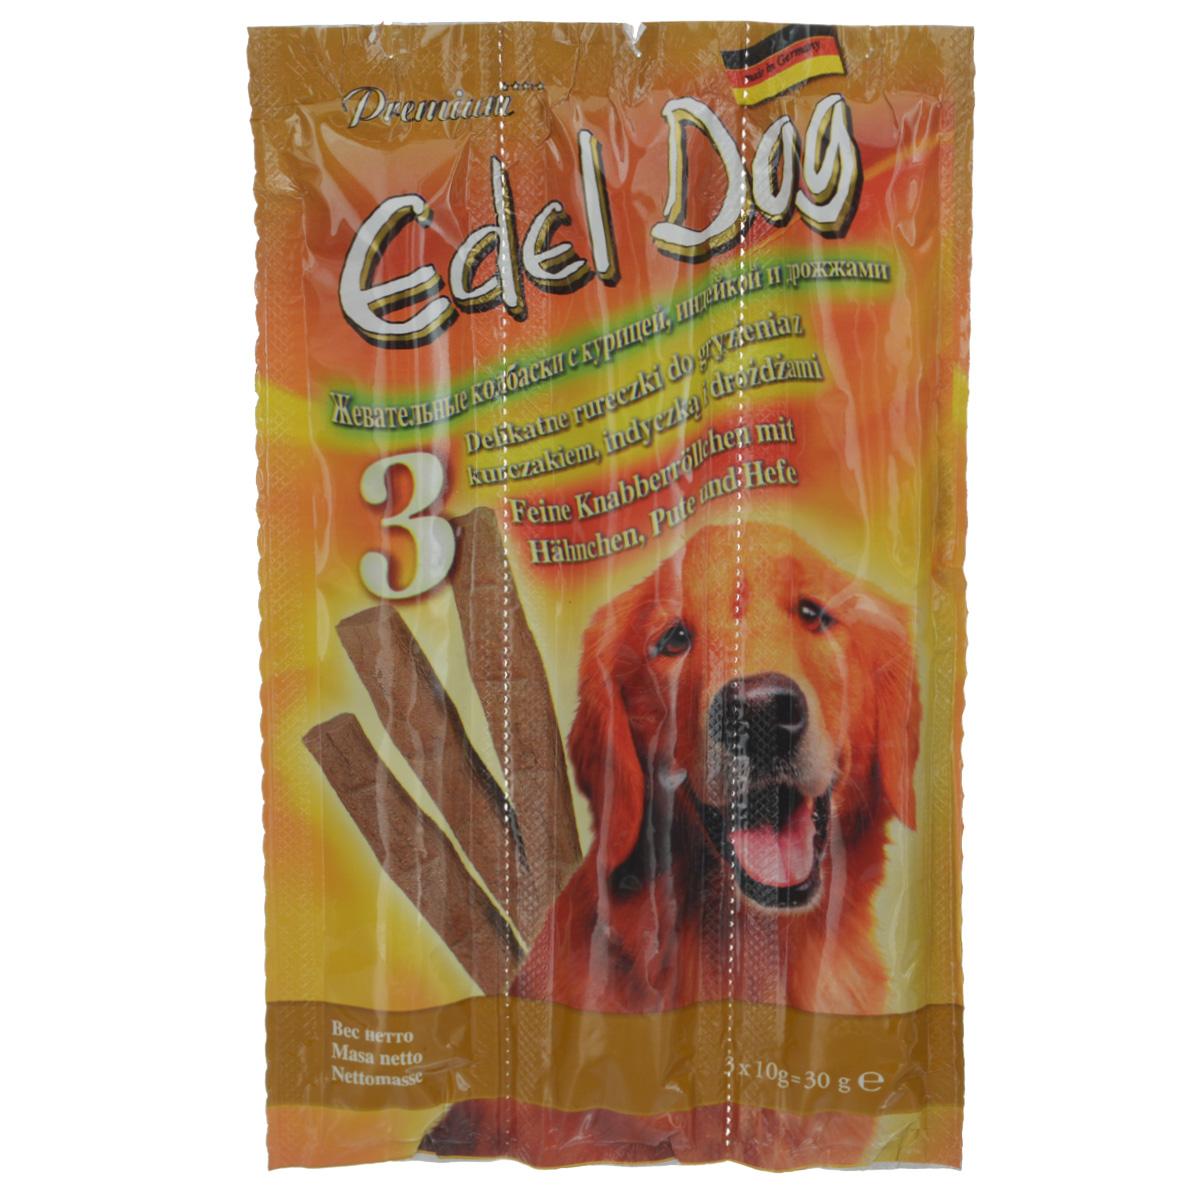 Колбаски жевательные Edel Dog для собак, с курицей, индейкой и дрожжами, 3 шт14458Жевательные колбаски Edel Dog - это лакомство для собак. Используются в качестве лакомства и в дополнение к основному корму. На 95% состоят из свежего мяса с добавлением витаминно-минерального комплекса. Состав: мясо и мясопродукты (90%, в том числе 6% курицы, 6% индейки), дрожжи (4%), минеральные вещества. Технологические добавки: антиоксиданты, консерванты. Аналитический состав: сырой протеин 35%, влажность 27%, сырой жир 21%, сырая зола 9%, сырая клетчатка 0,5%. Товар сертифицирован.